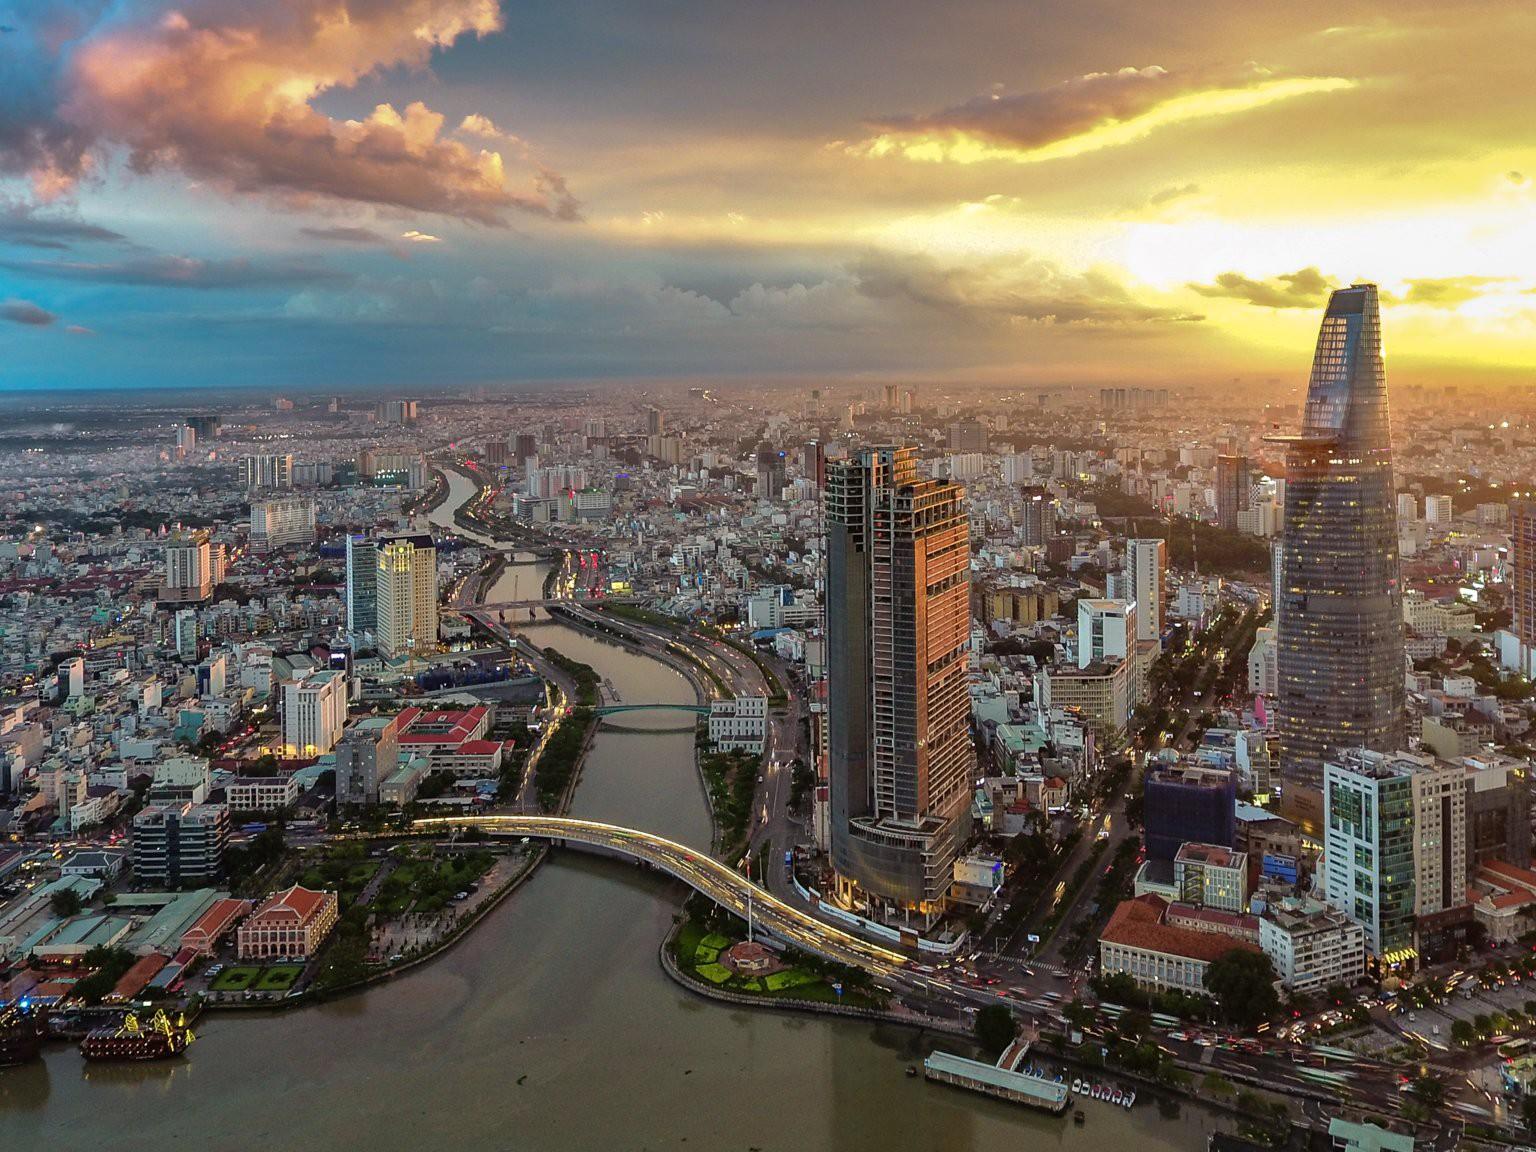 Việt Nam lọt top 20 nền kinh tế tốt nhất để đầu tư năm 2019